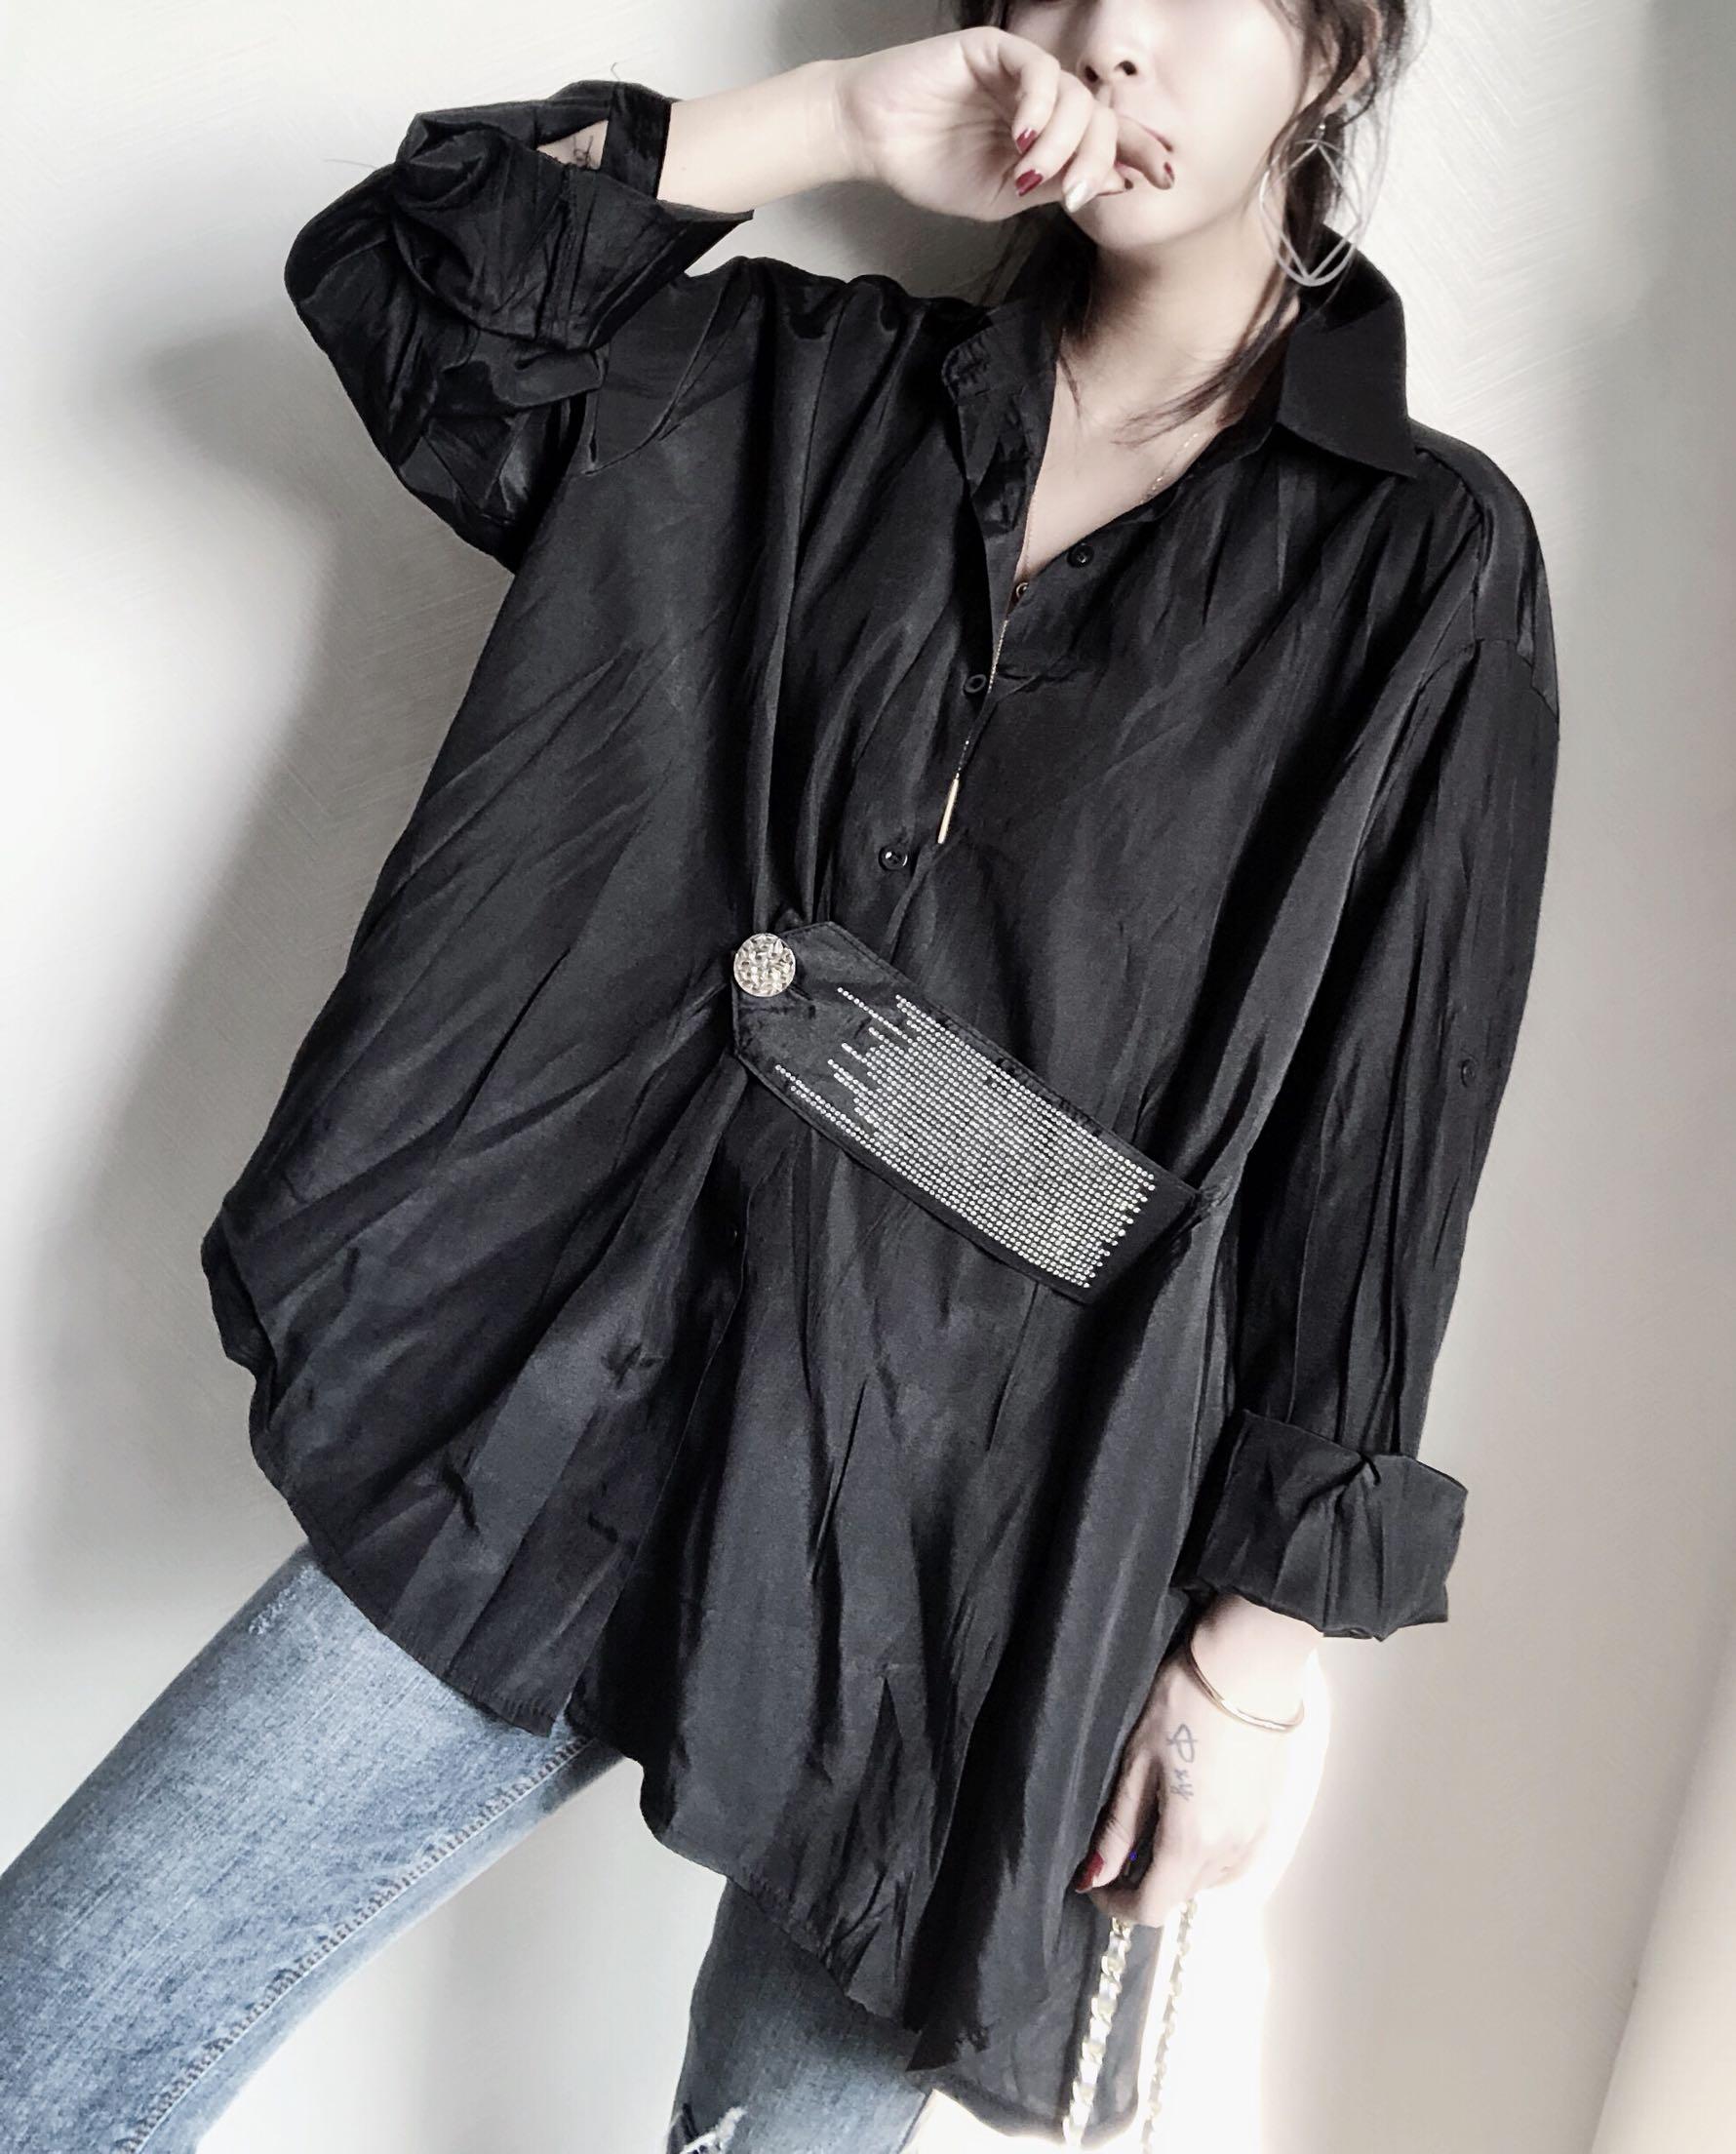 欧洲站2019春季新款韩版长袖衬衫女宽松时尚显瘦大扣子设计衬衫潮